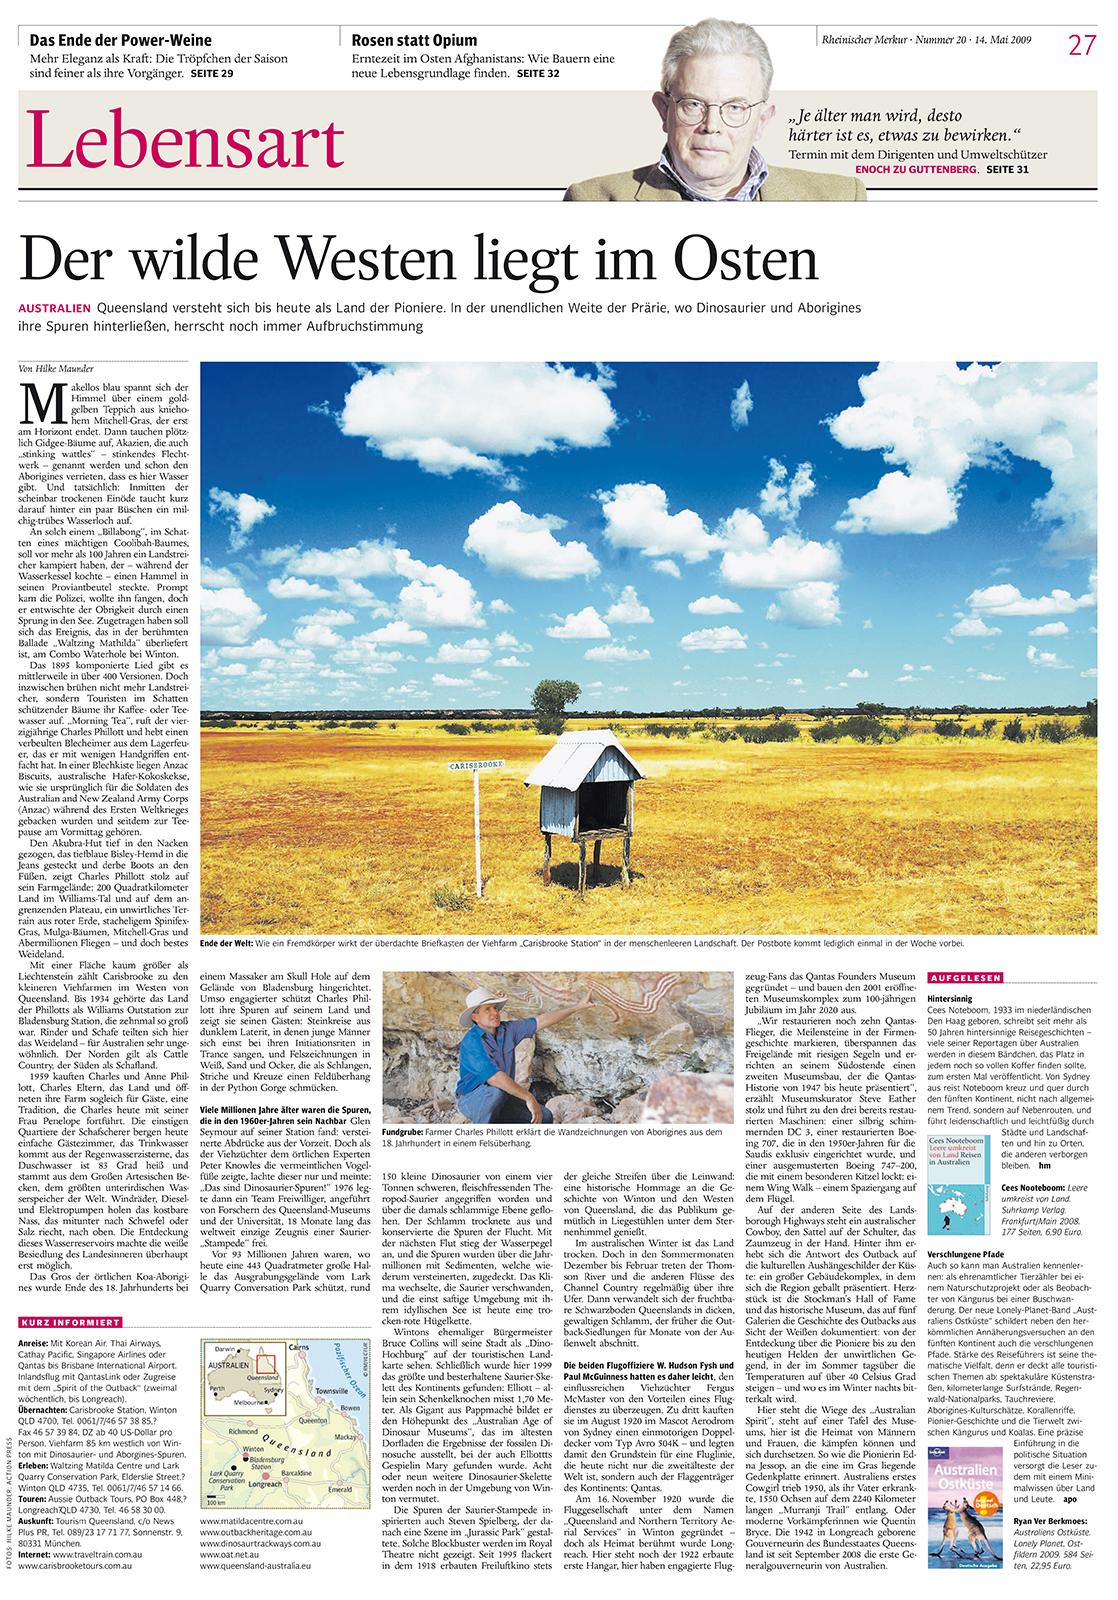 Rheinischer Merkur, Der wilde Westen liegt im Osten.